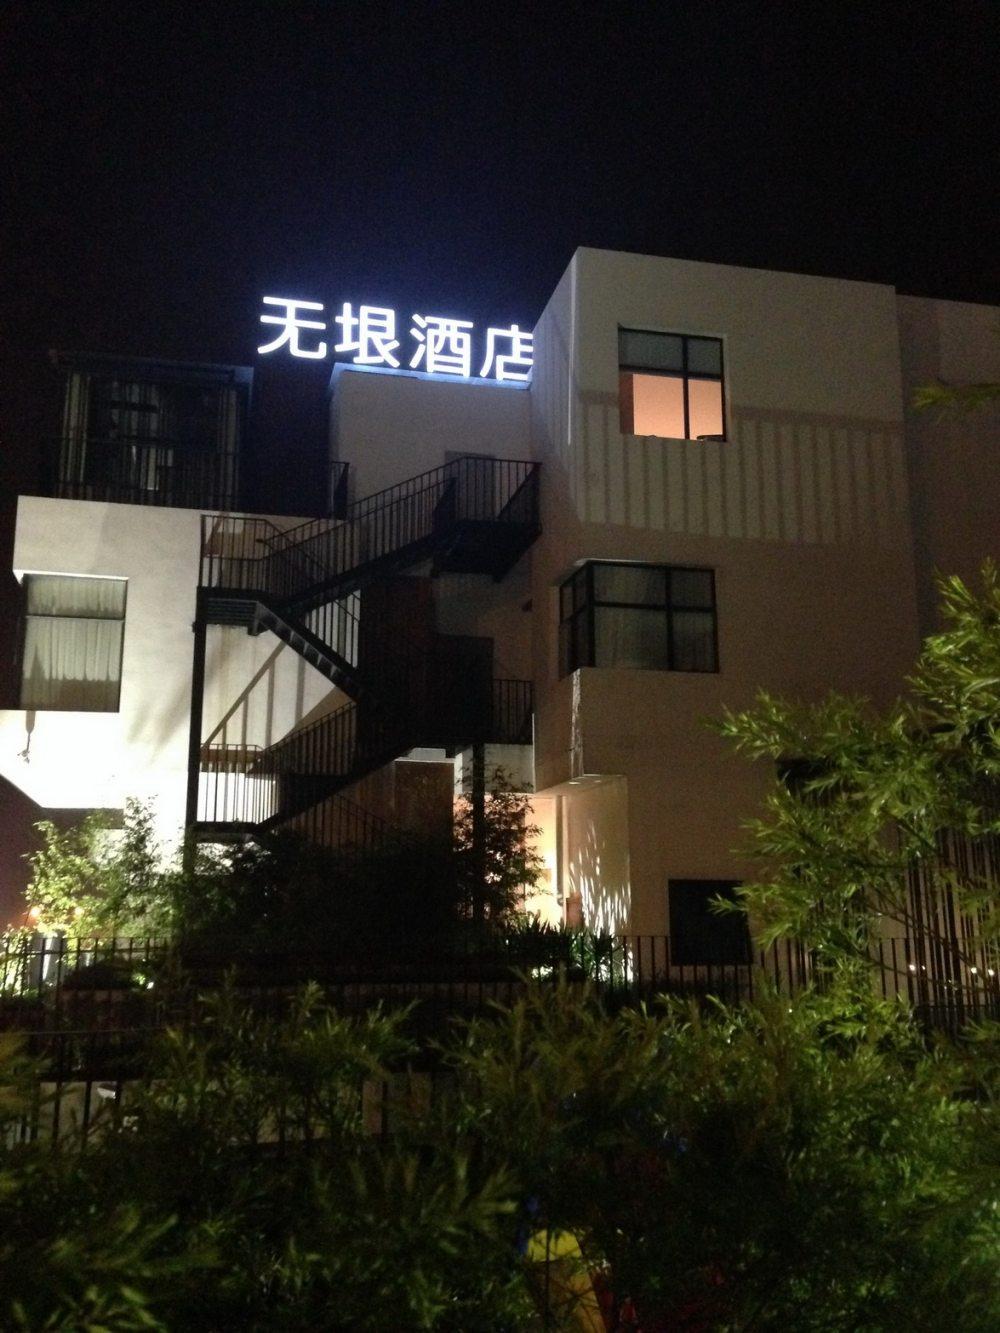 厦门乐雅无垠酒店Hotel Wind自拍 分享_IMG_2497.JPG